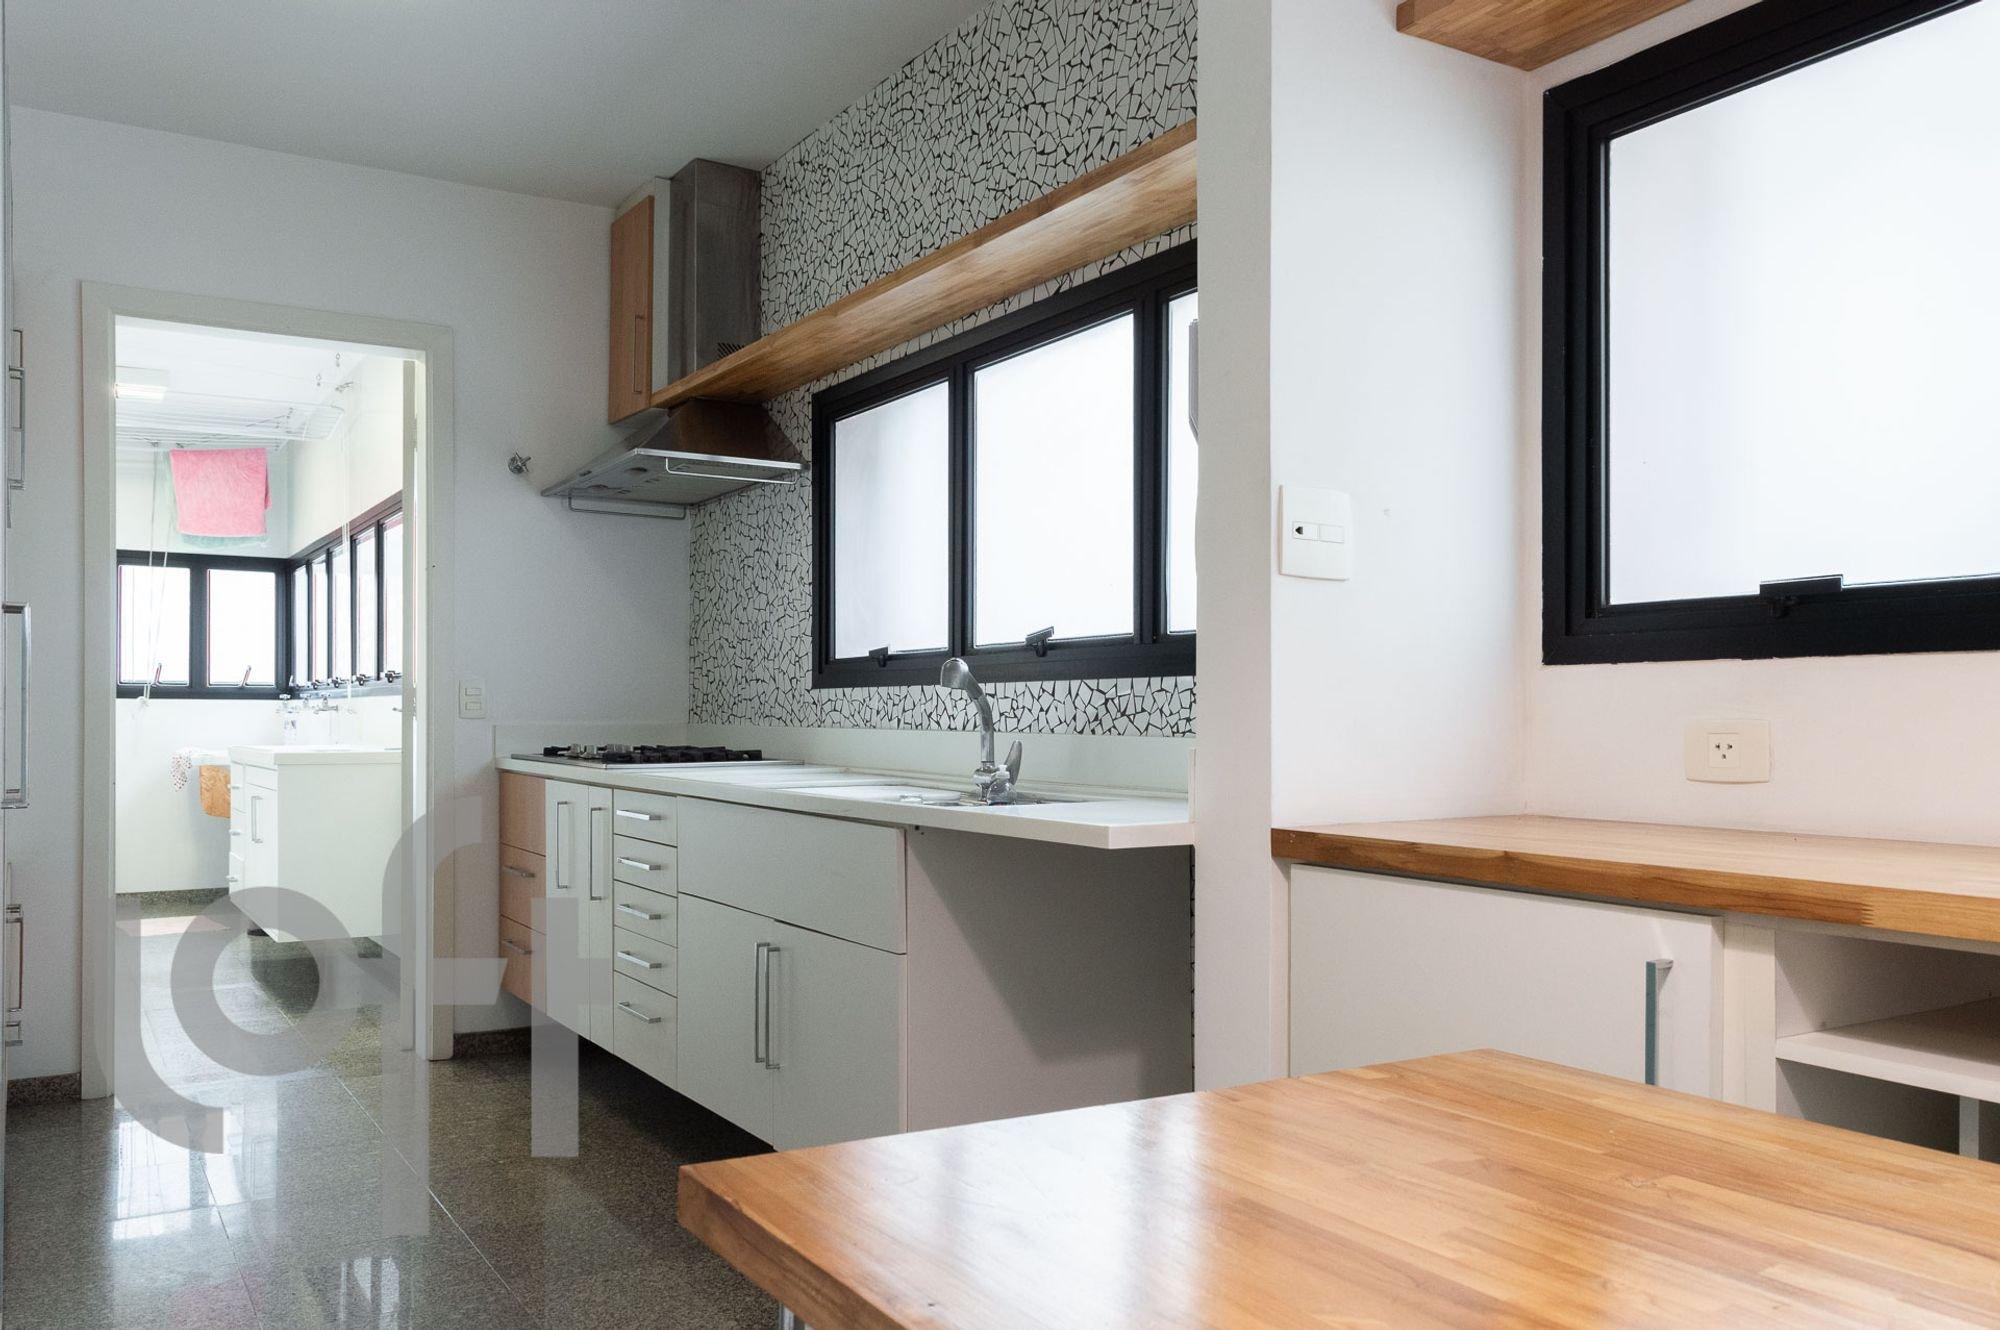 Foto de Cozinha com televisão, mesa de jantar